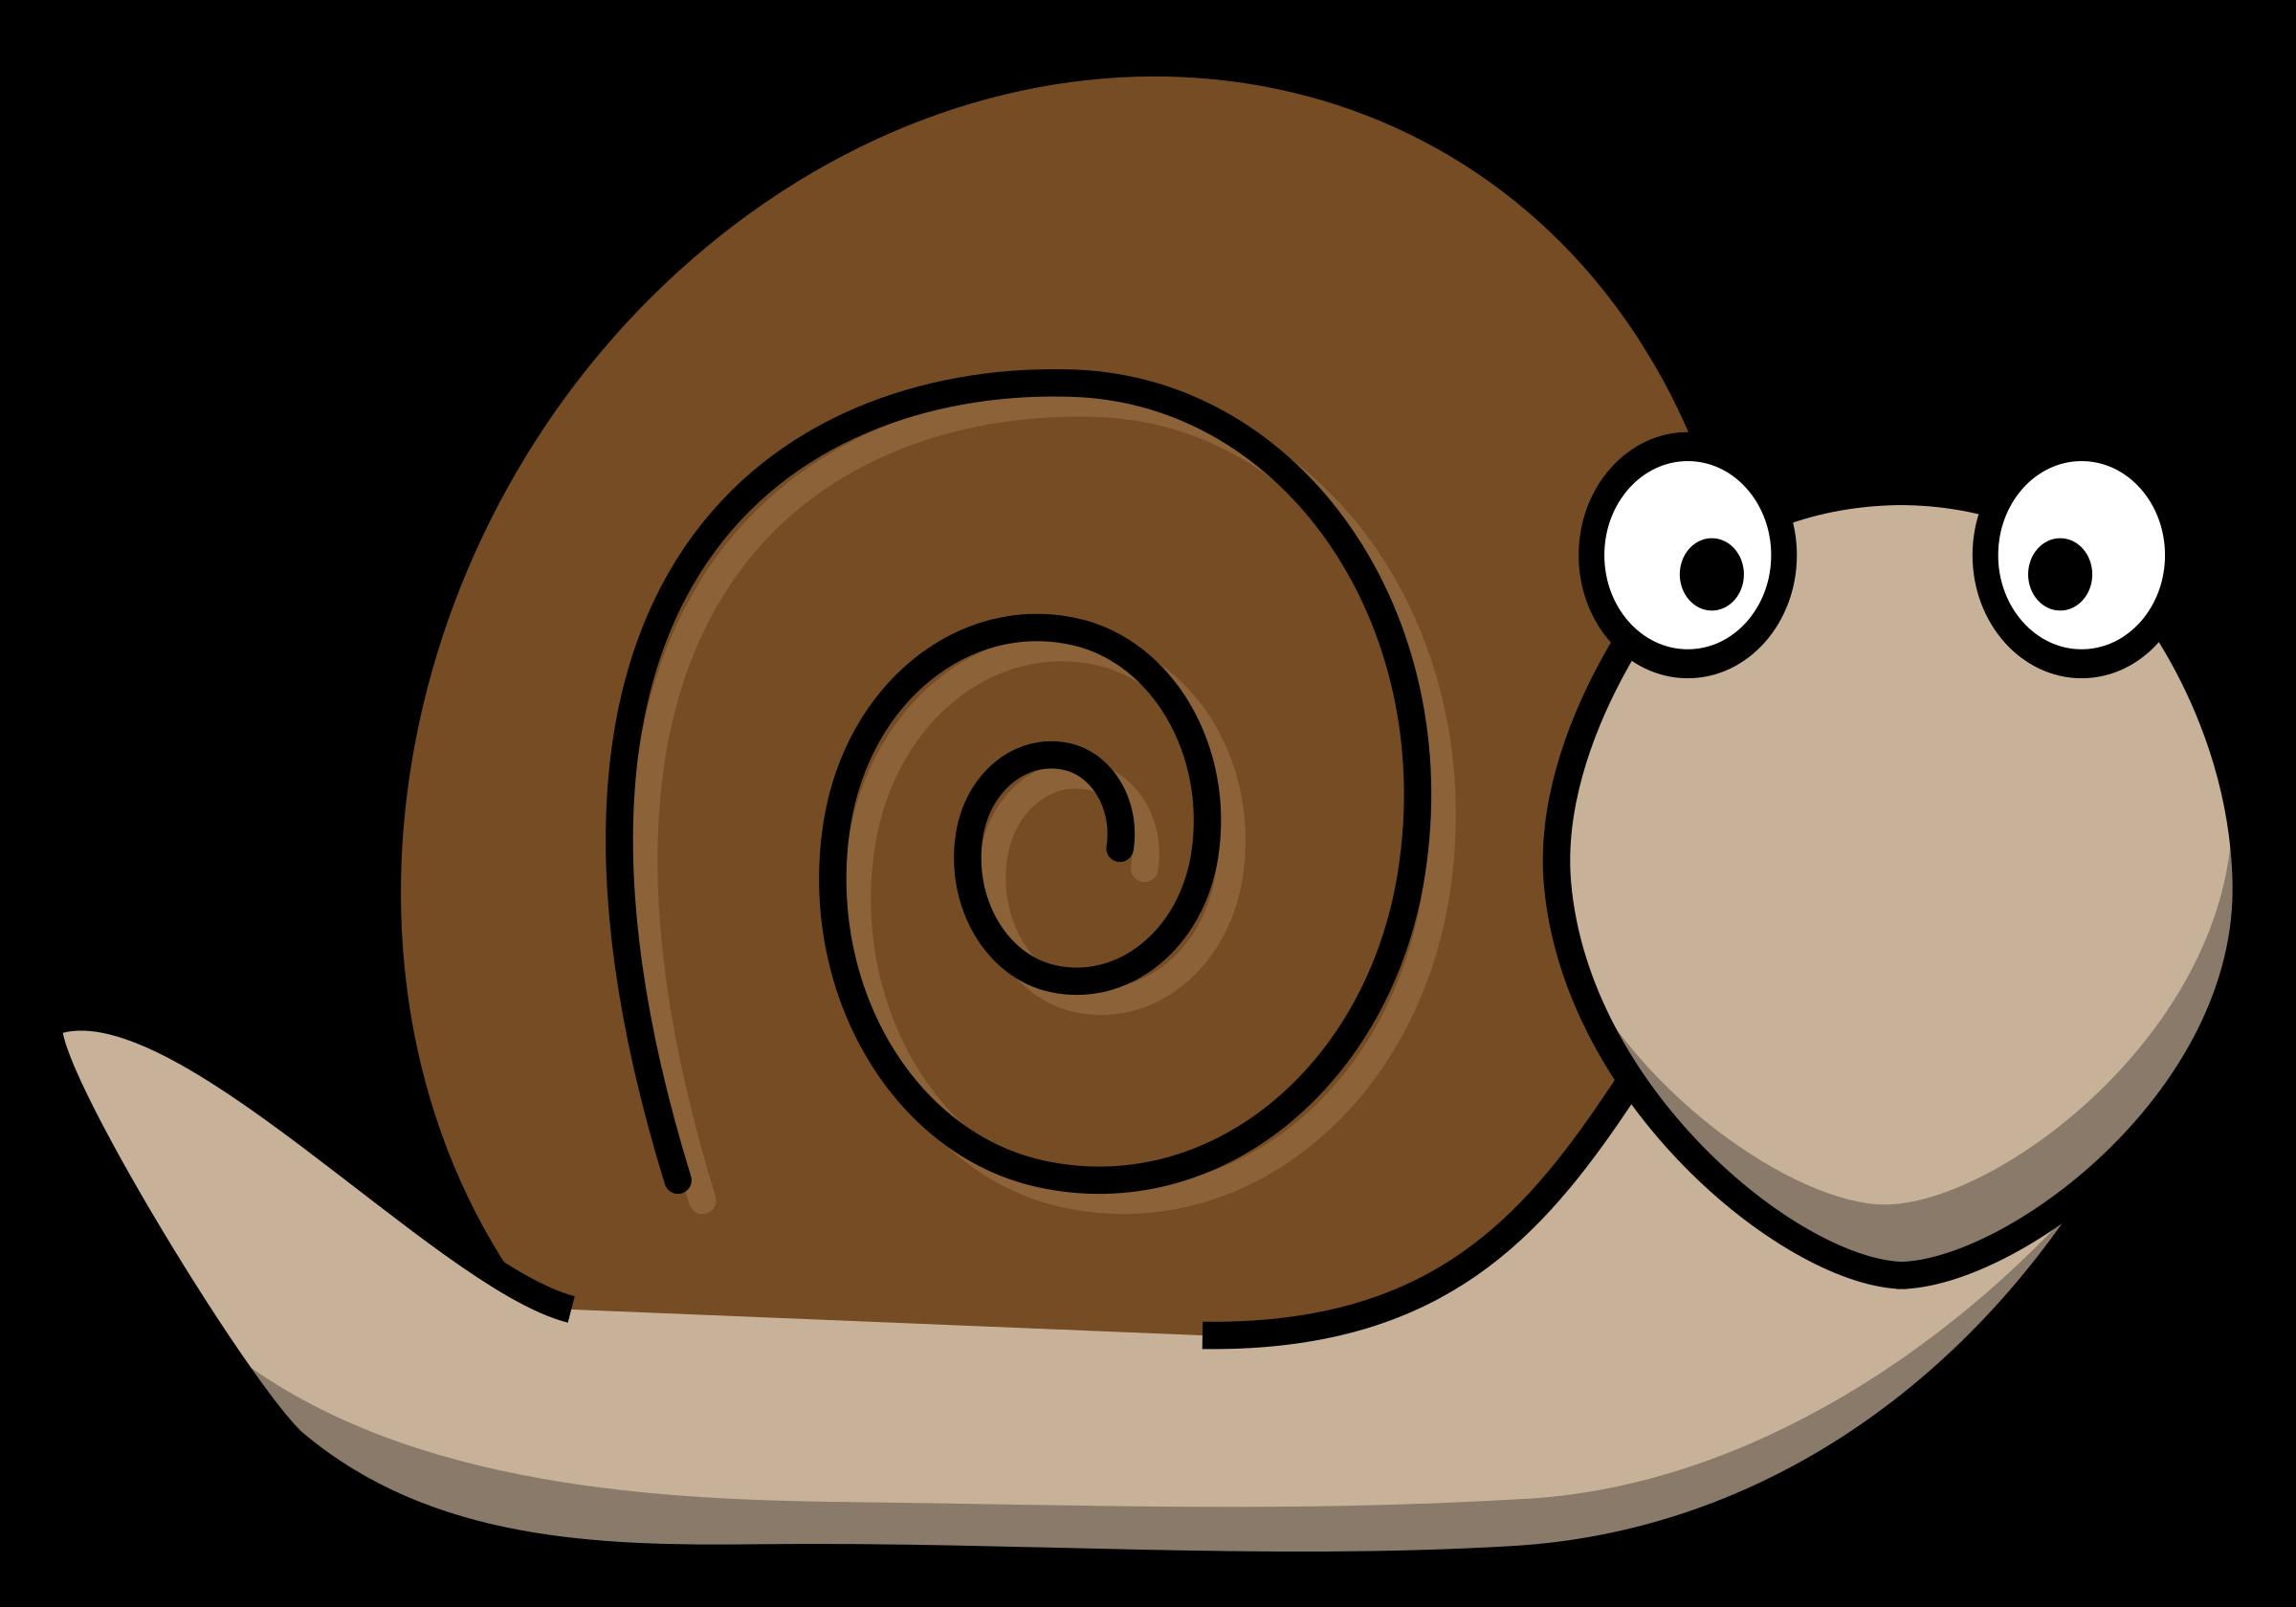 clip freeuse download Clipart Cartoon Snail Lemonize